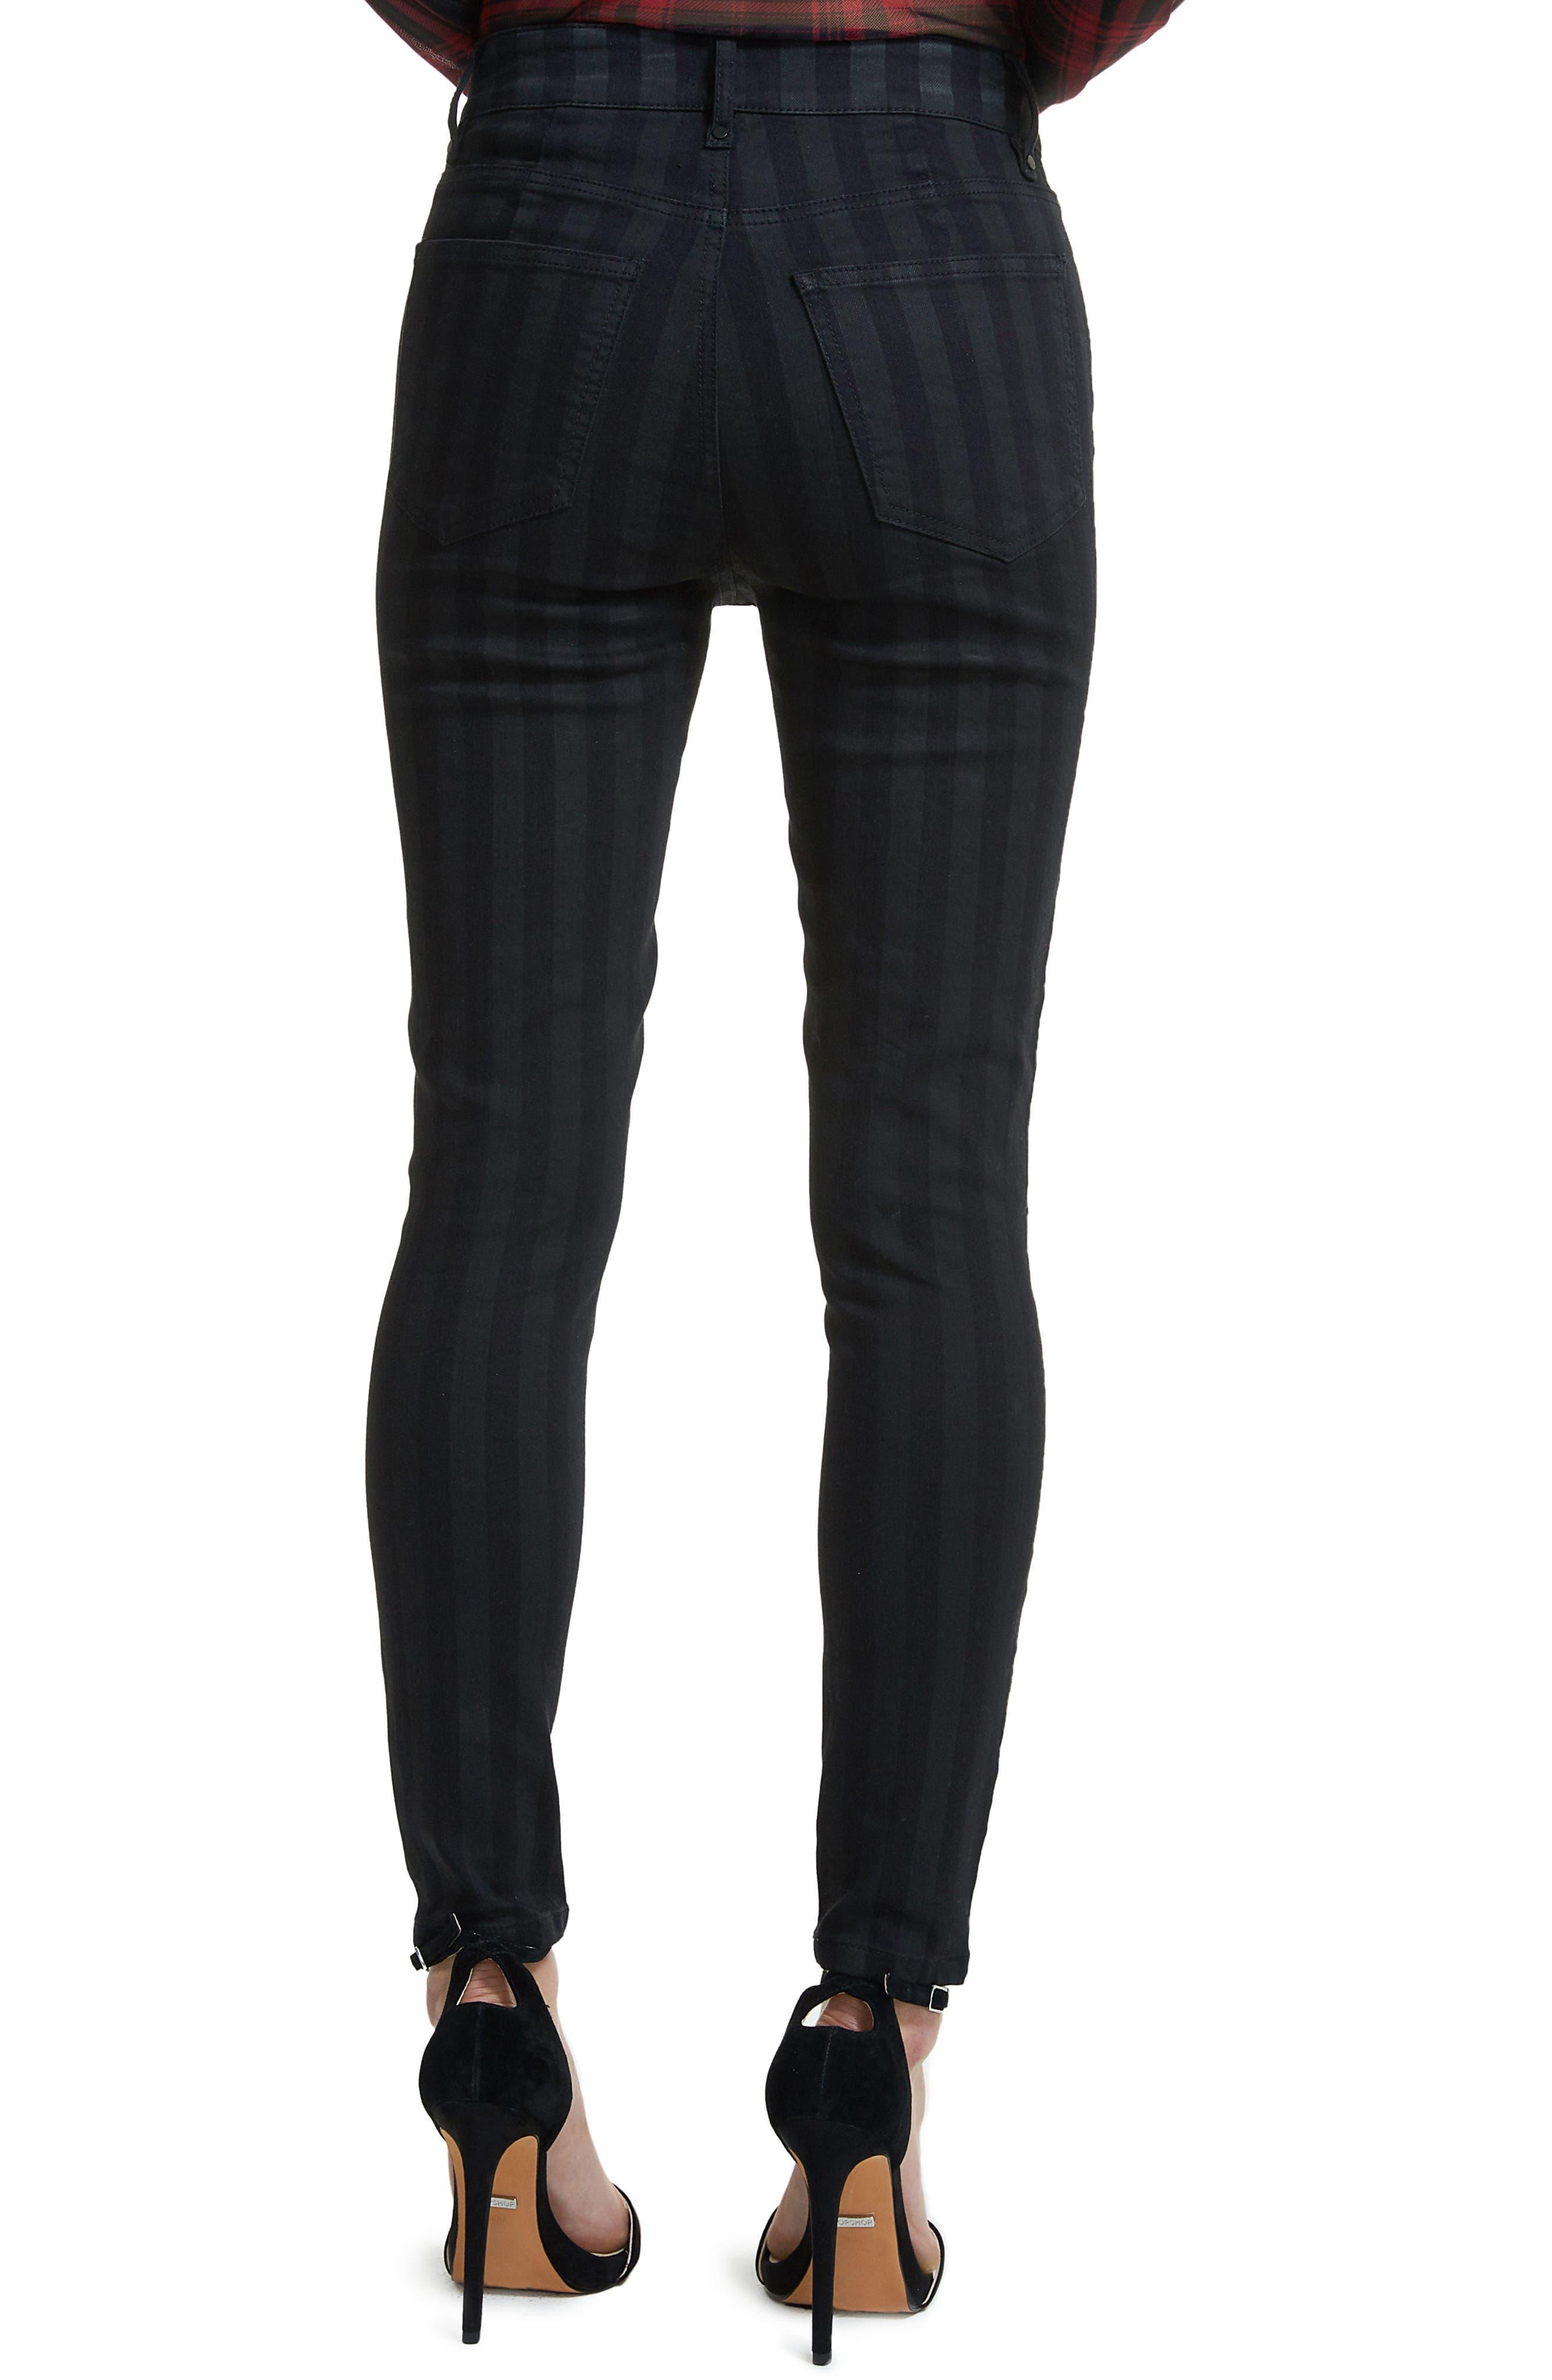 Alden Lace-Up Skinny Jeans,                             Alternate thumbnail 3, color,                             Noir Stripe